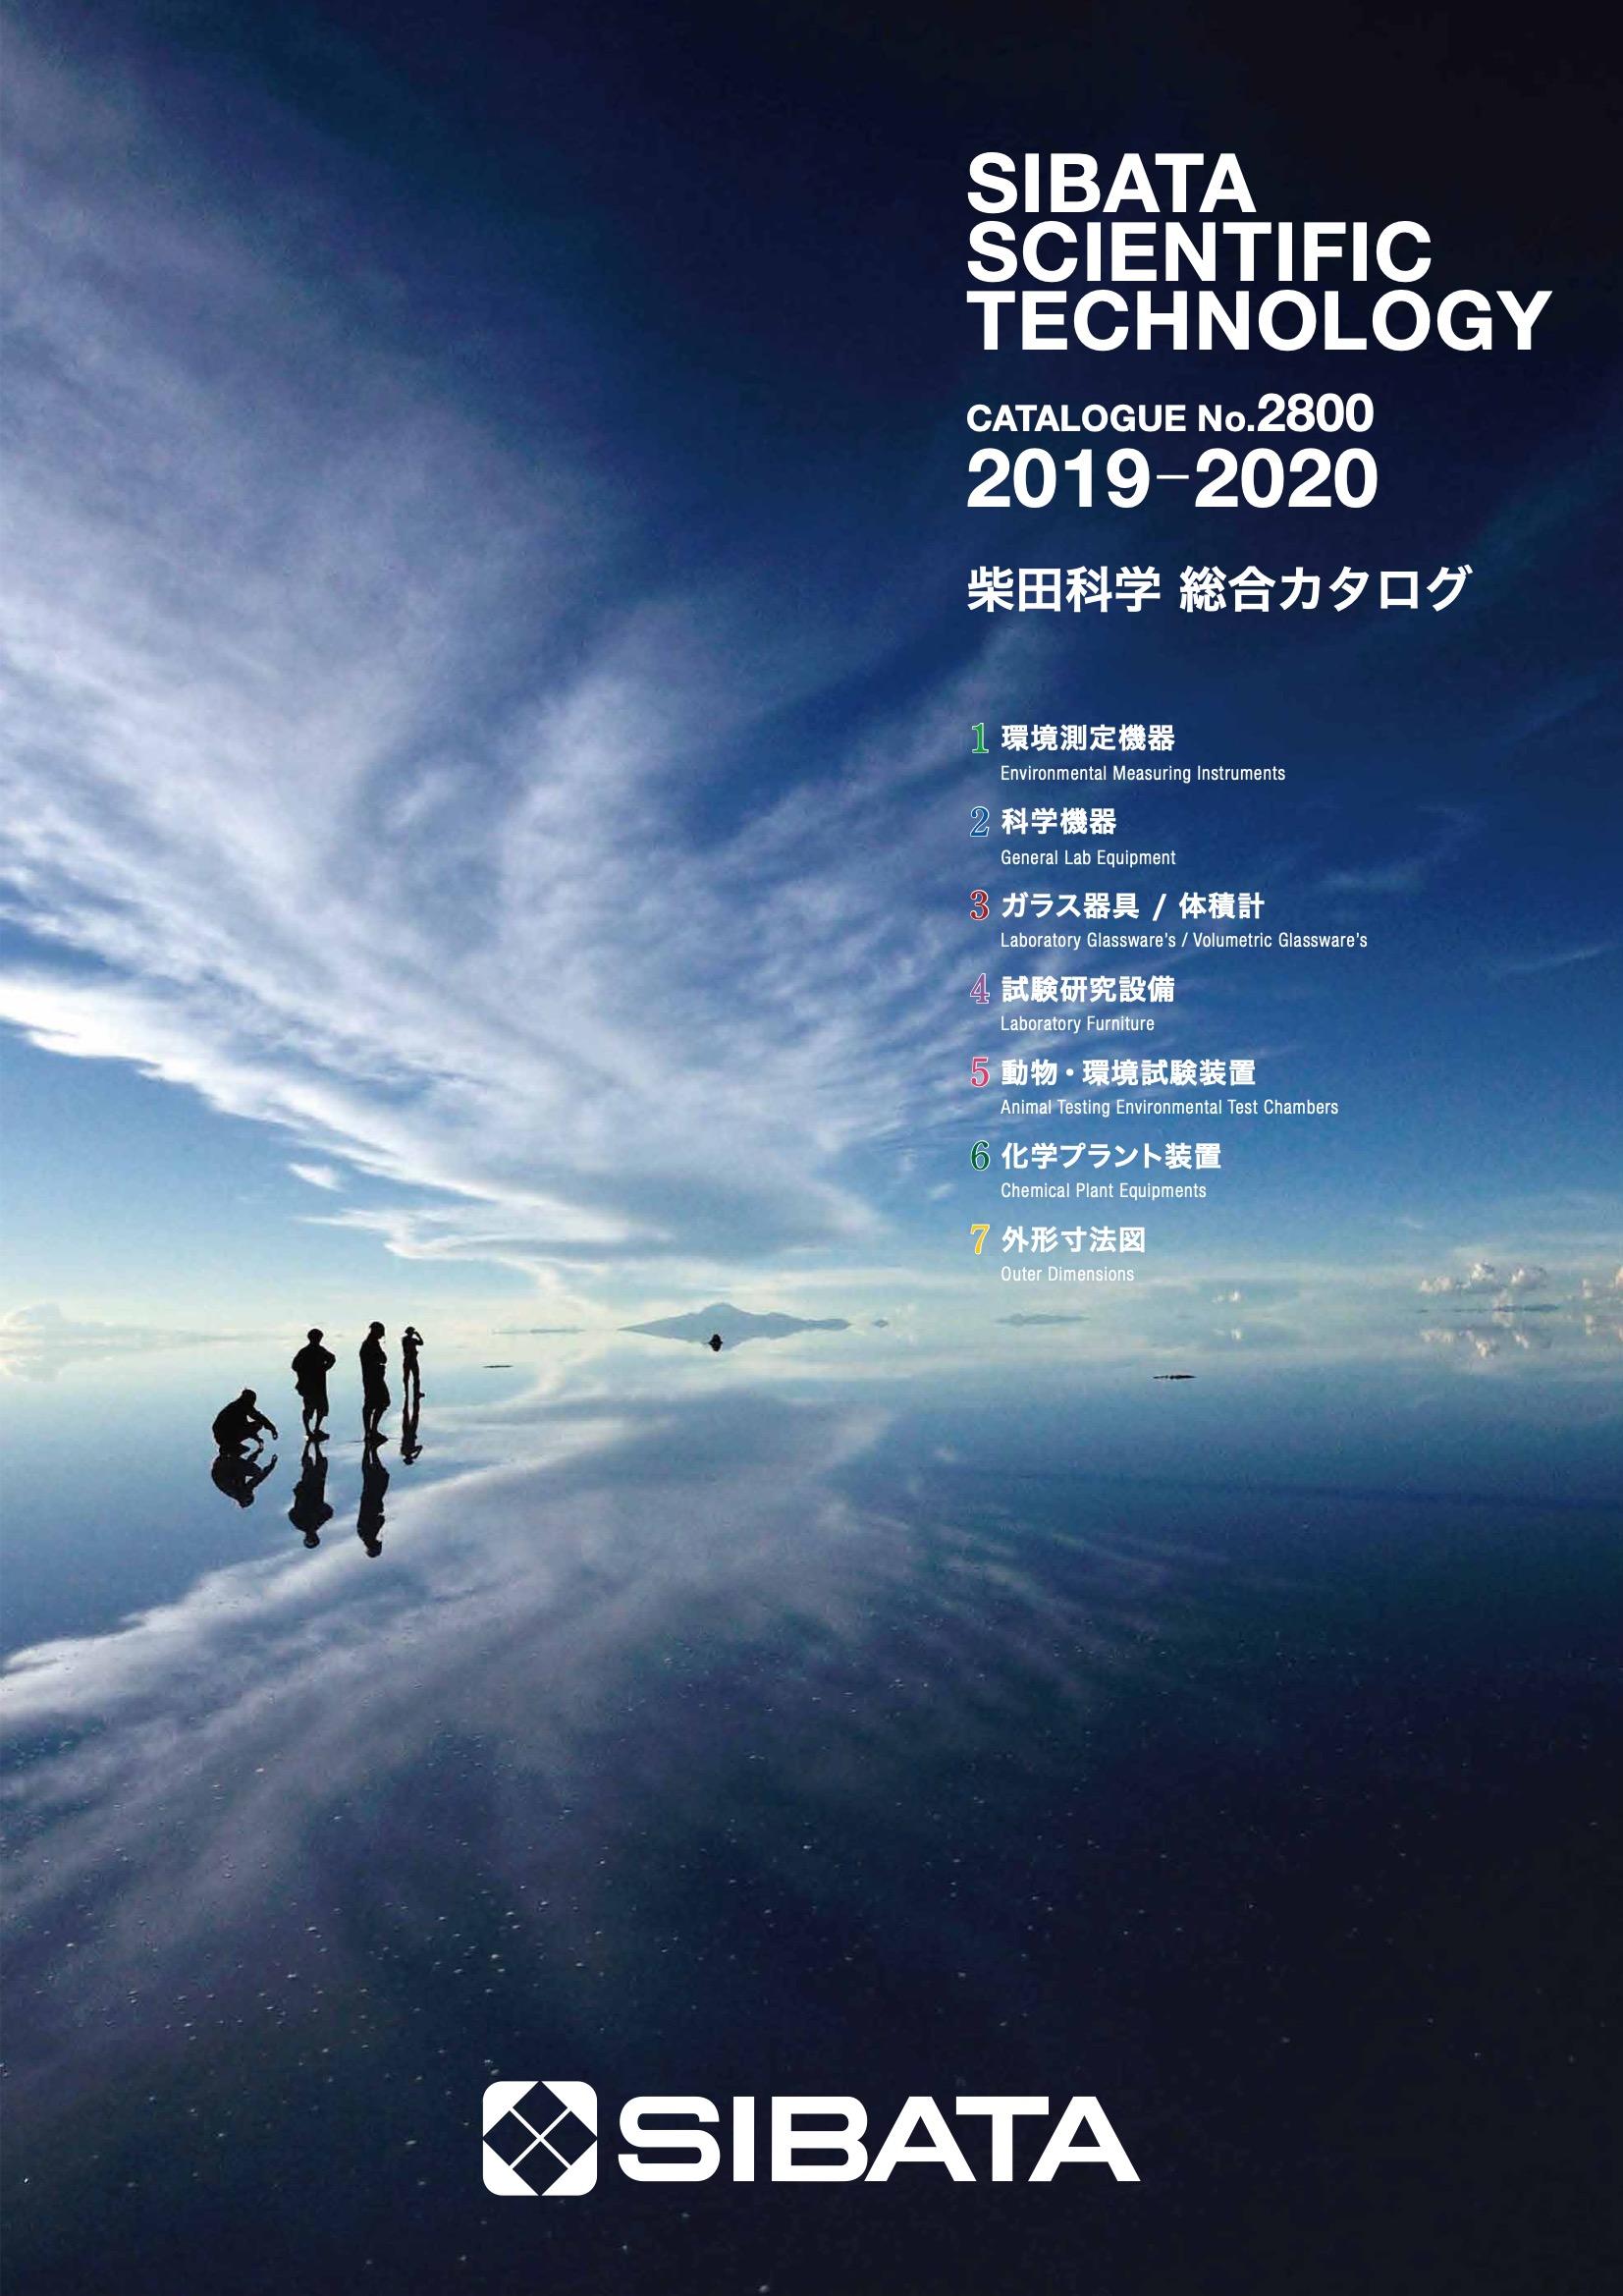 カタログ アイリス株式会社 Airis1.co.jp【Airis1.co.jp】